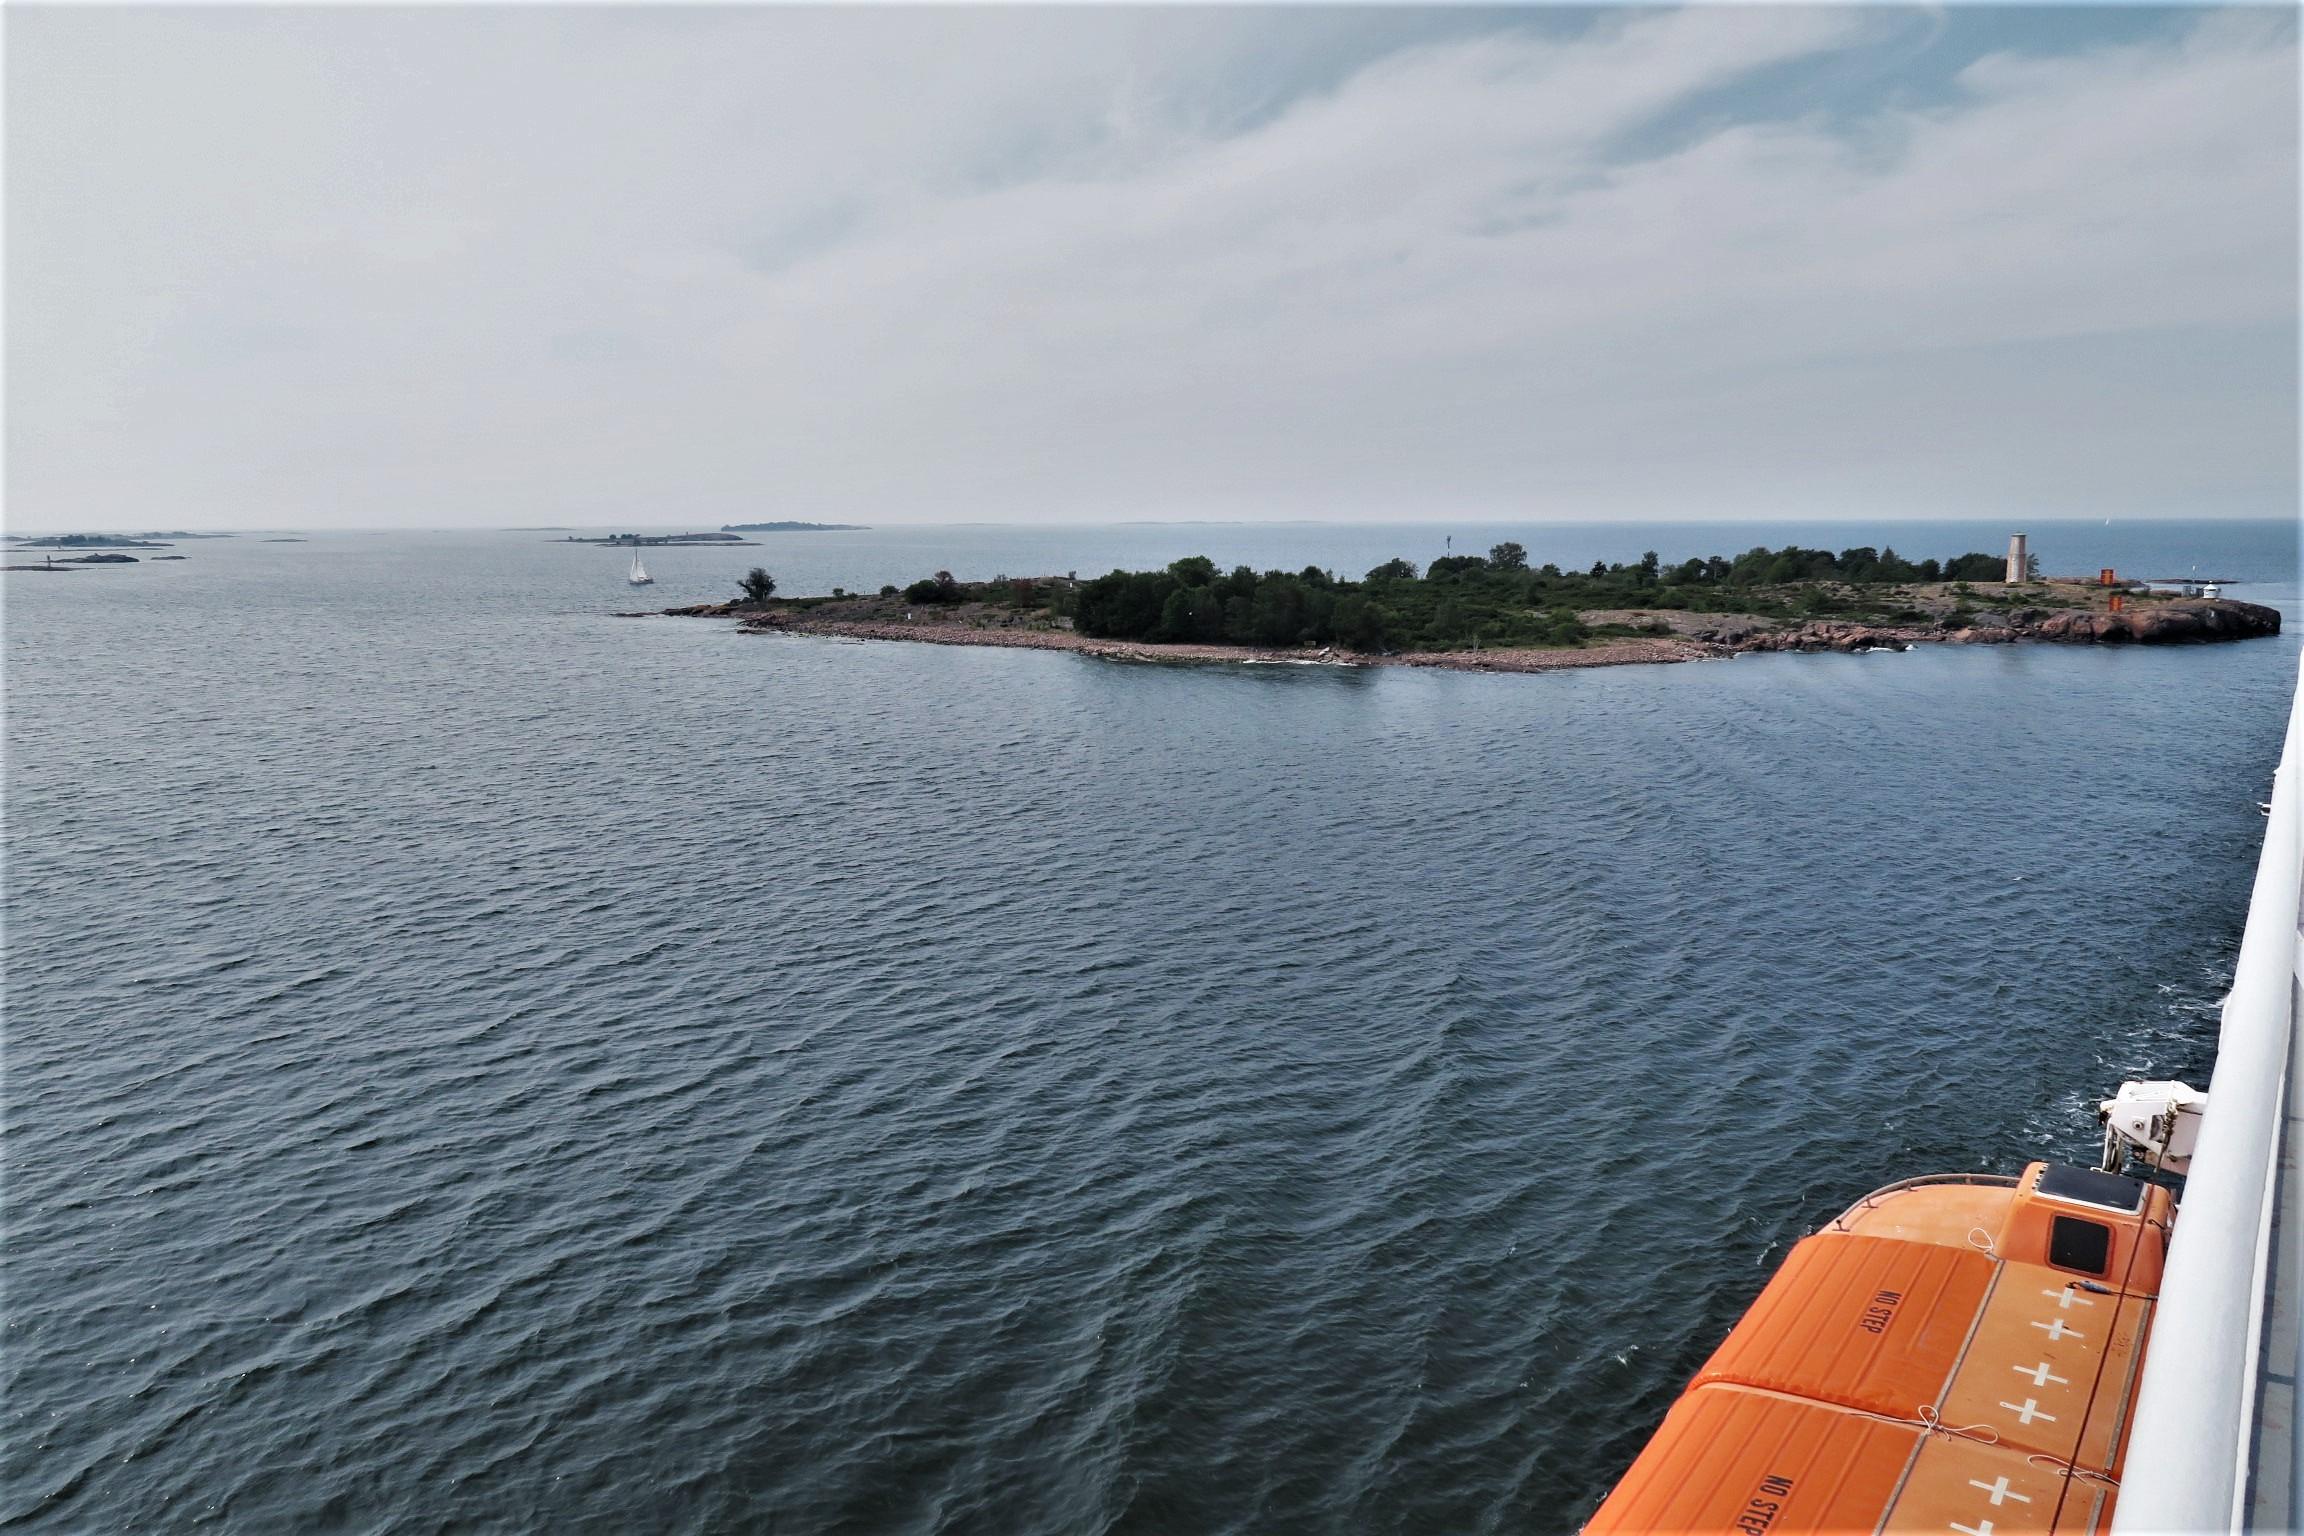 Le ferry slalome entre les cailloux disséminés dans la Baltique